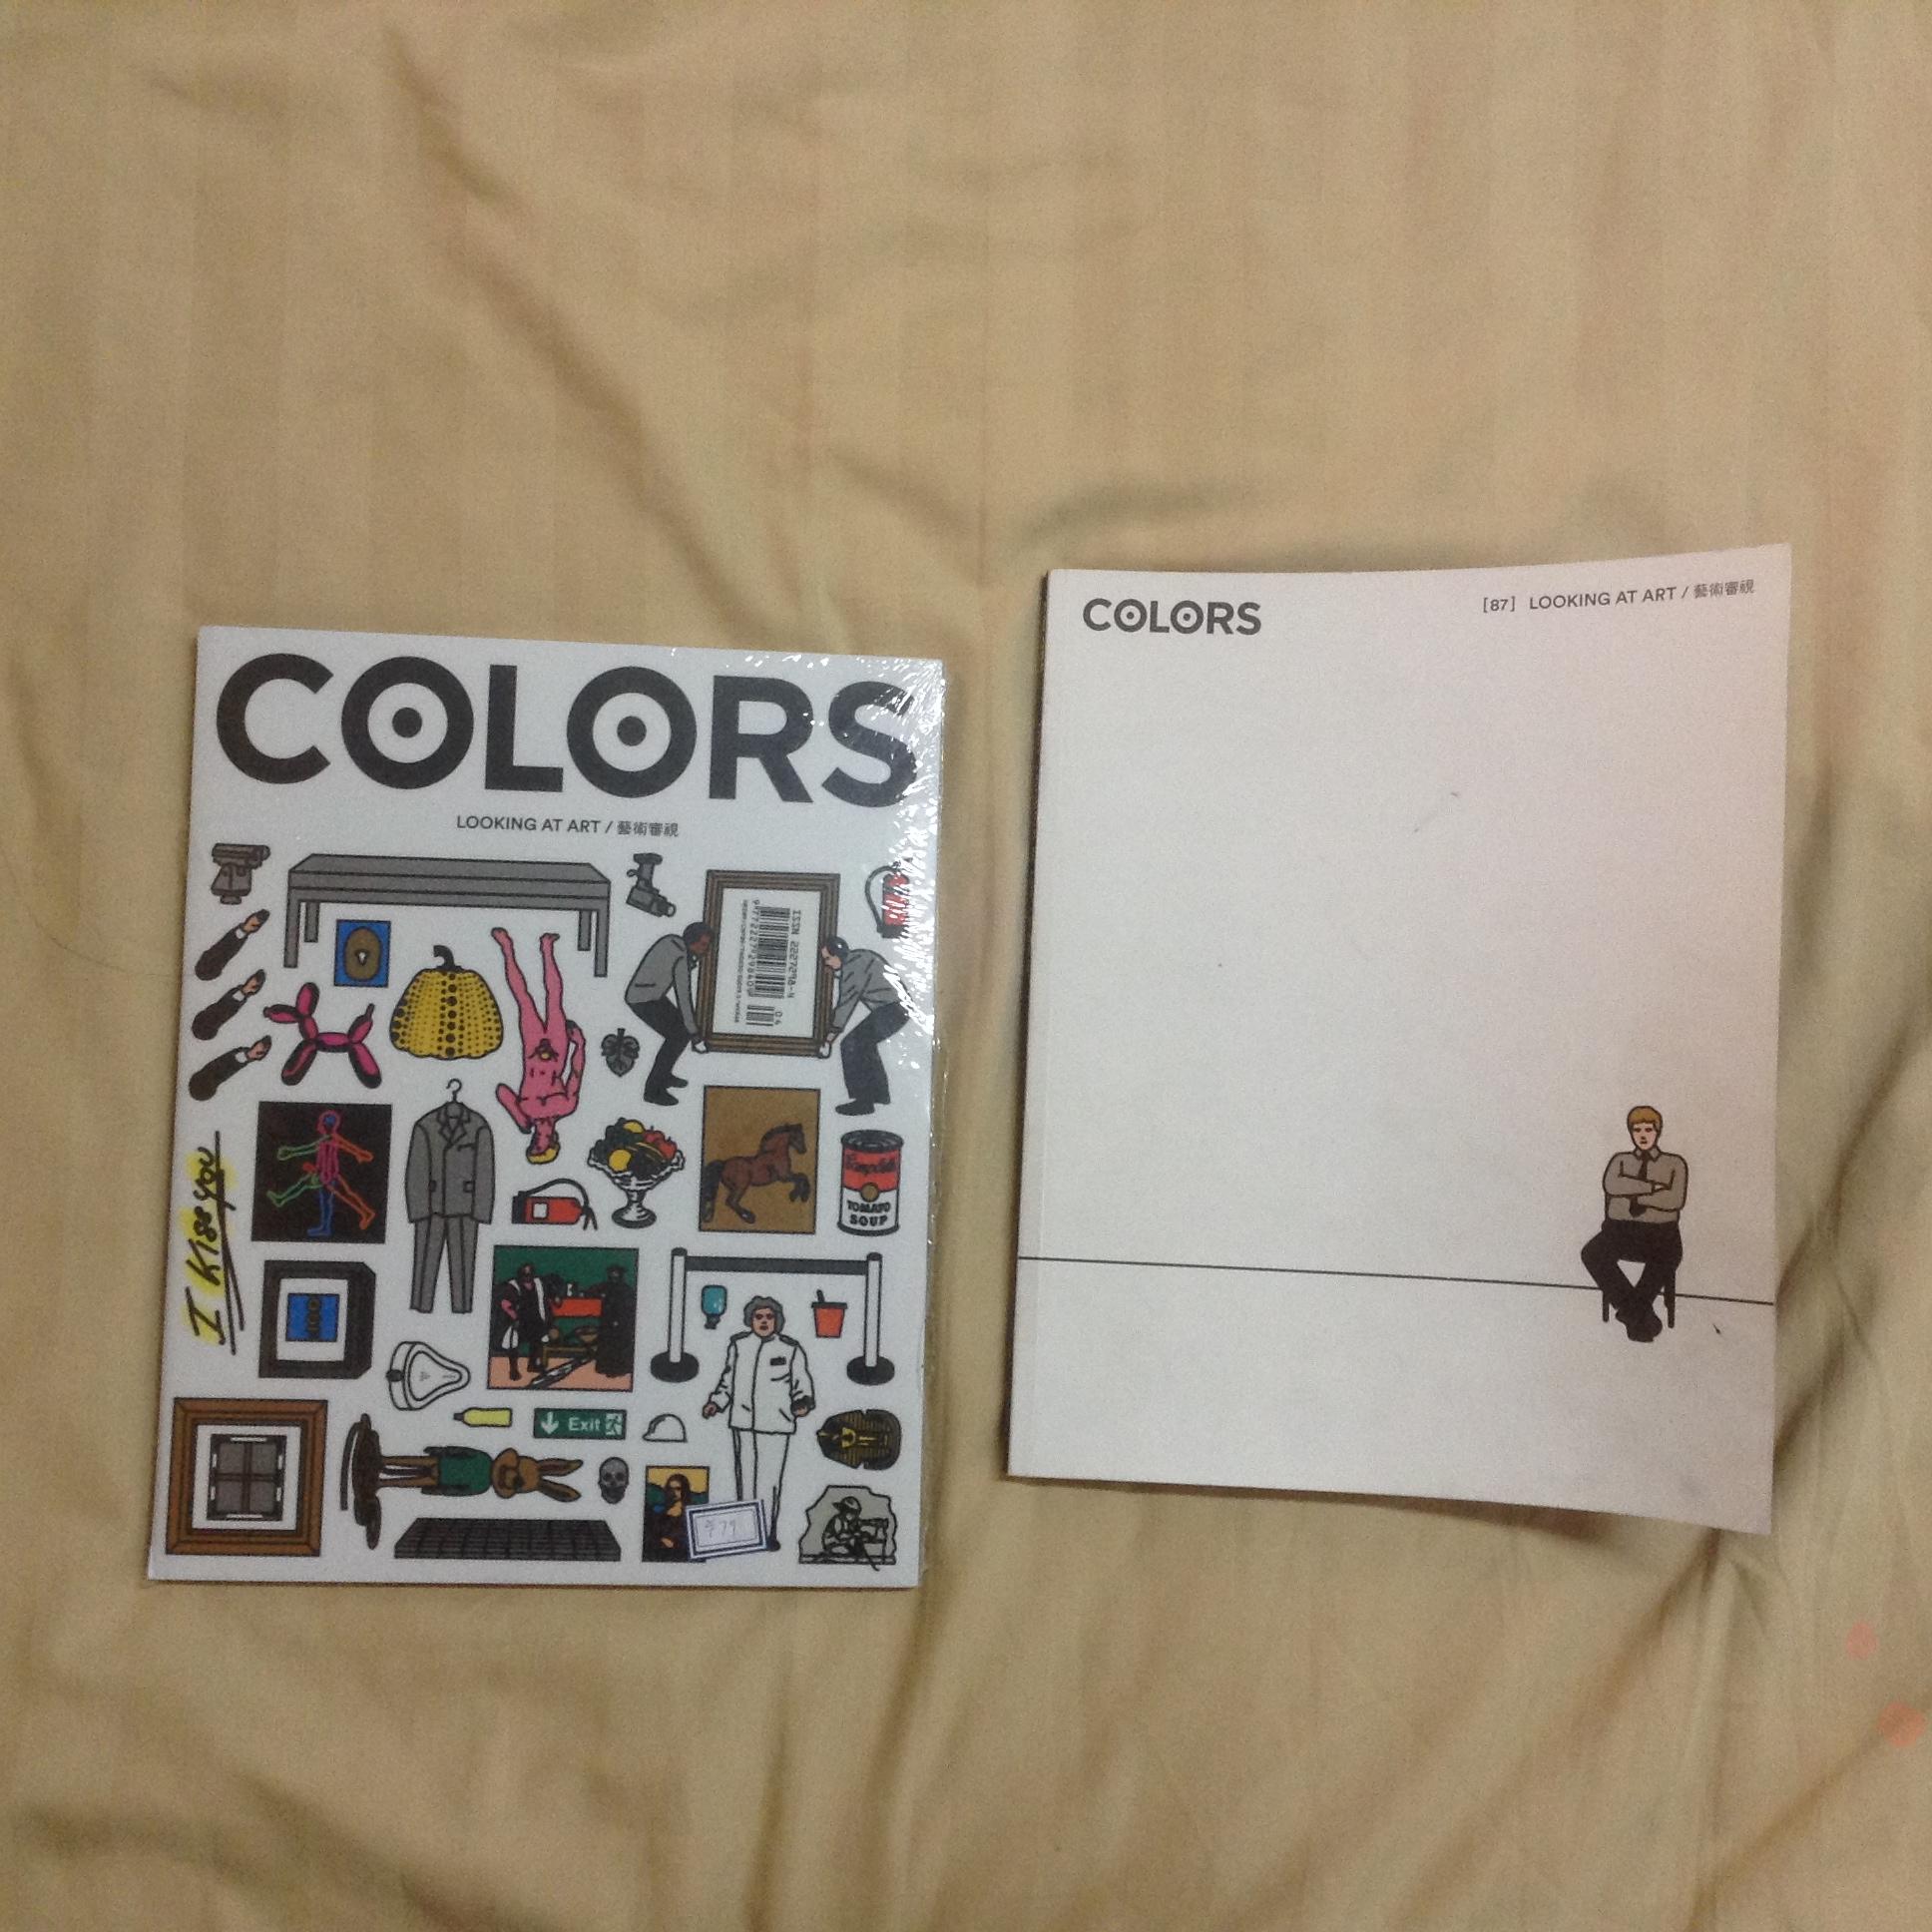 En el distrito de las artes de Beijing encontré mi revista favorita de todos los tiempos: COLORS :)